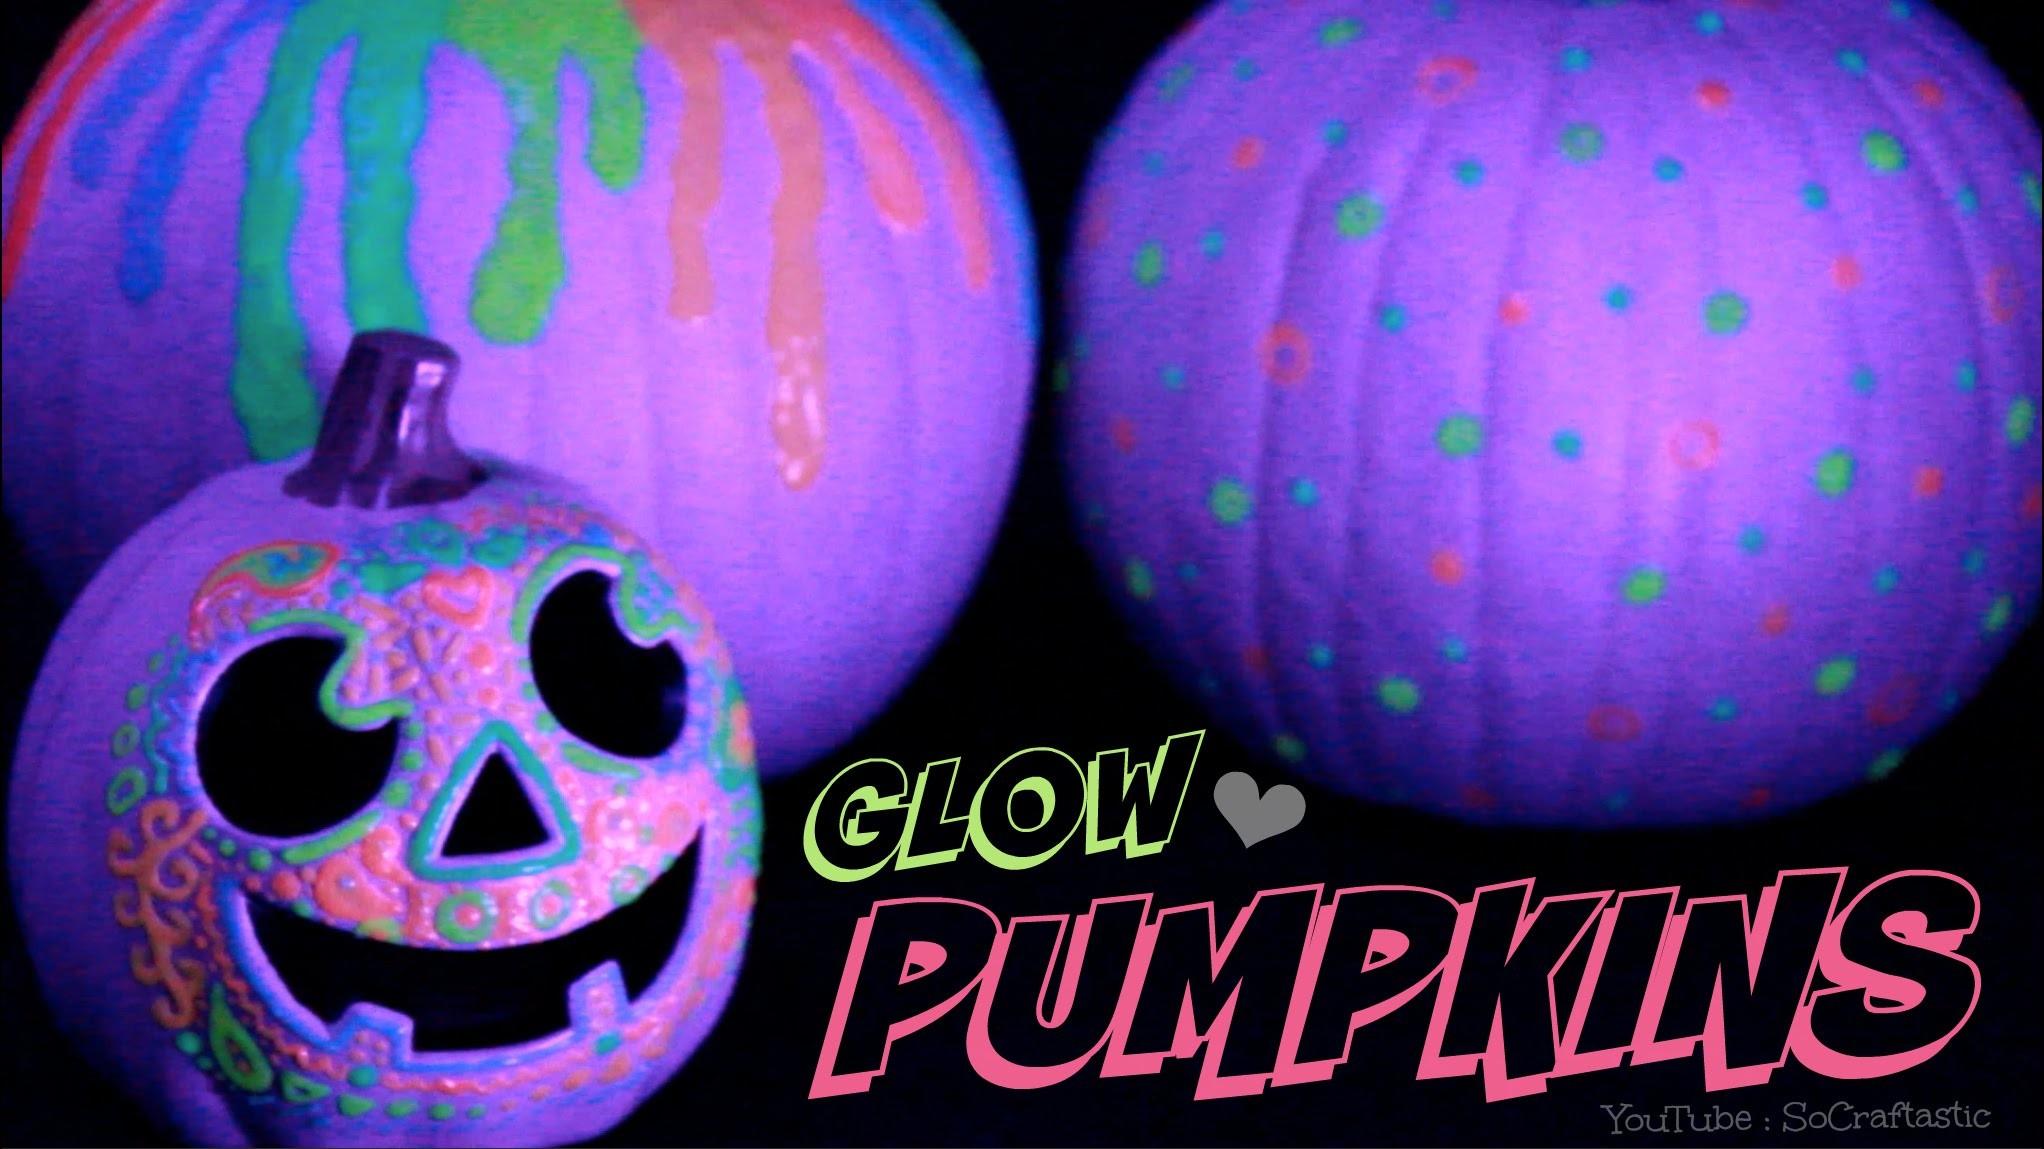 GLOW IN THE DARK PUMPKIN - Halloween DIY - Easy No Carve Pumpkins How To